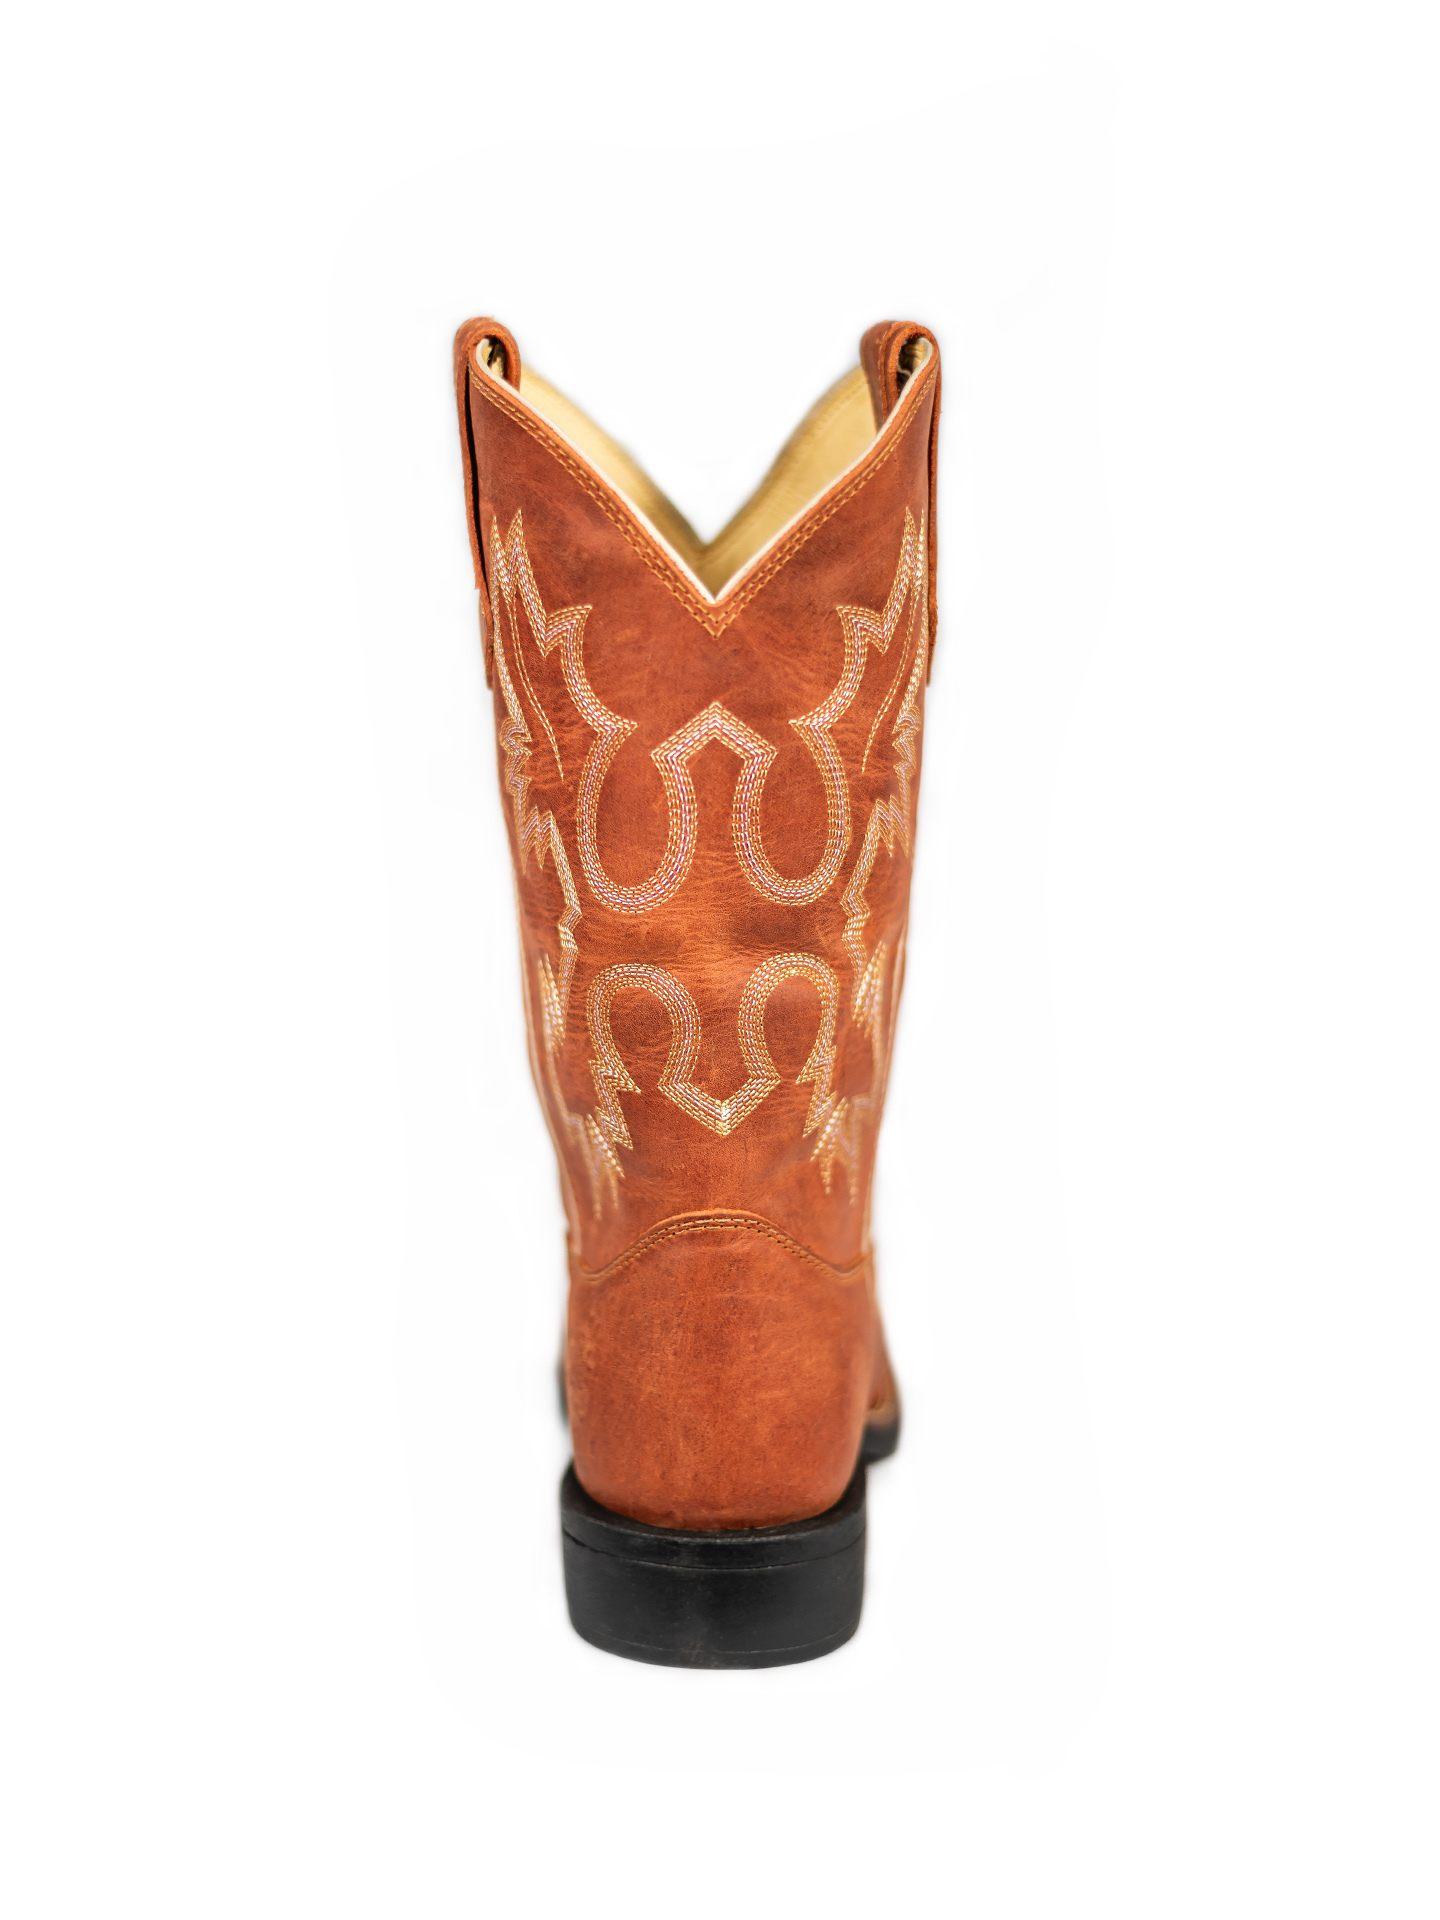 Bota Texana Classic de Couro Legitimo Montana Sela Original!